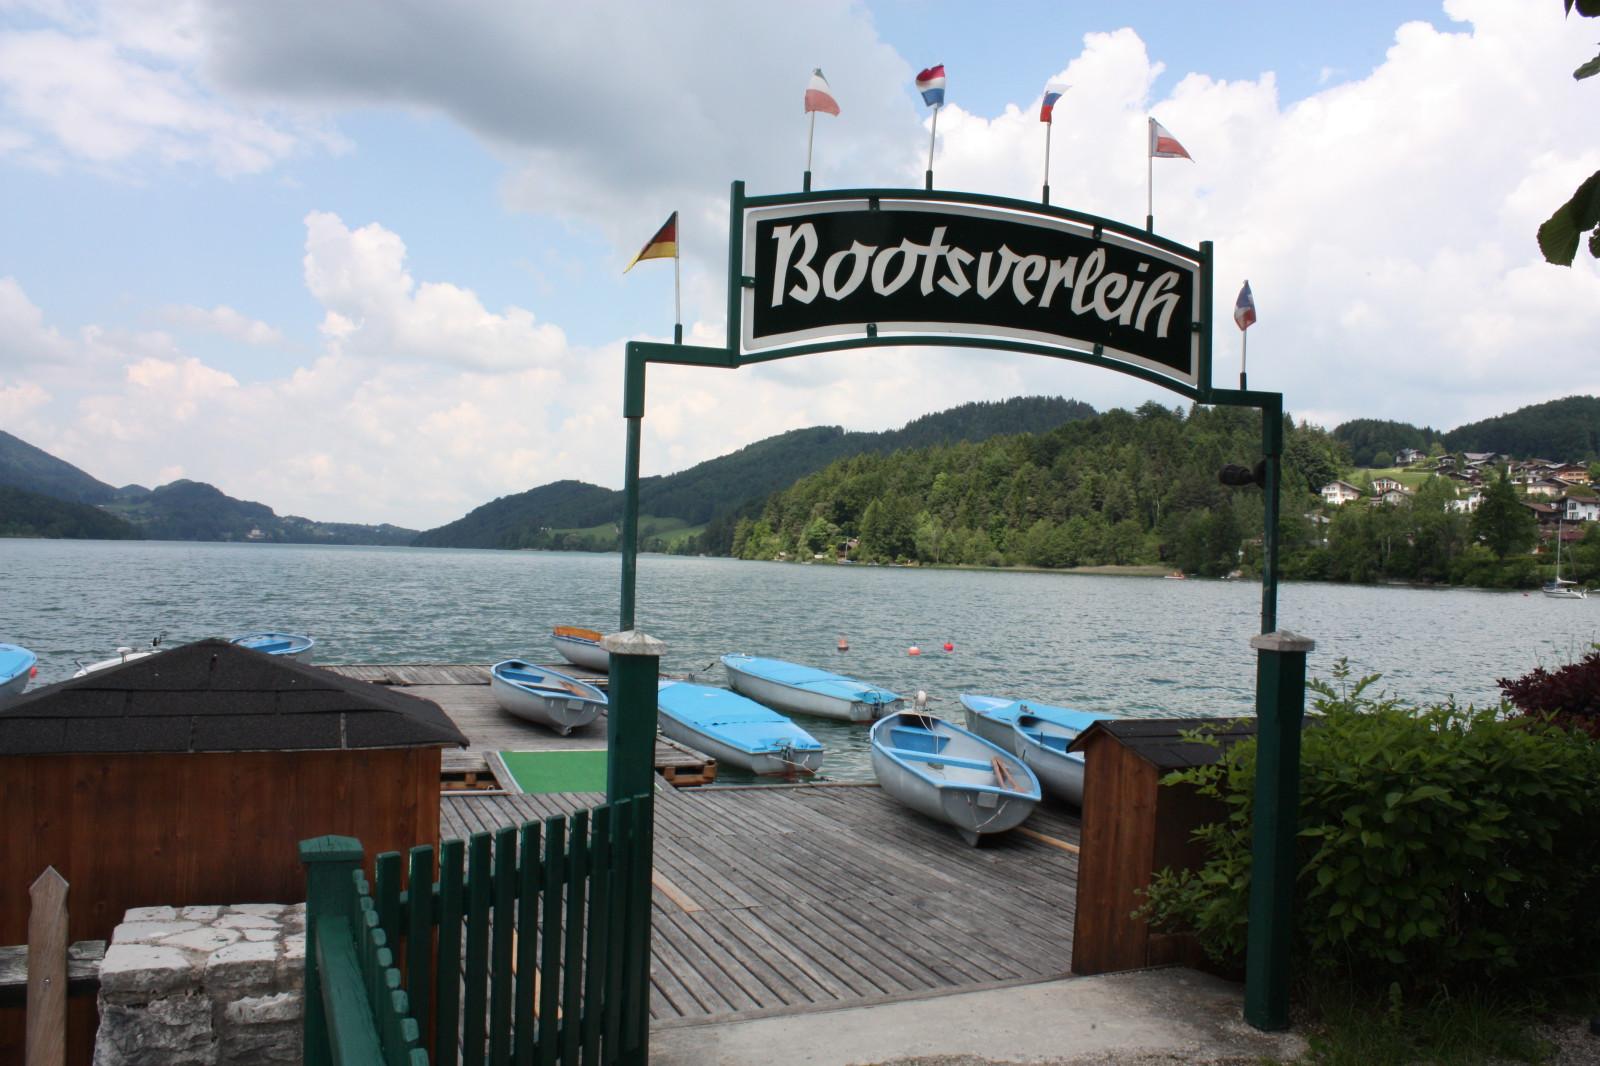 Im Sommer einfach mal raus mit dem Boot?